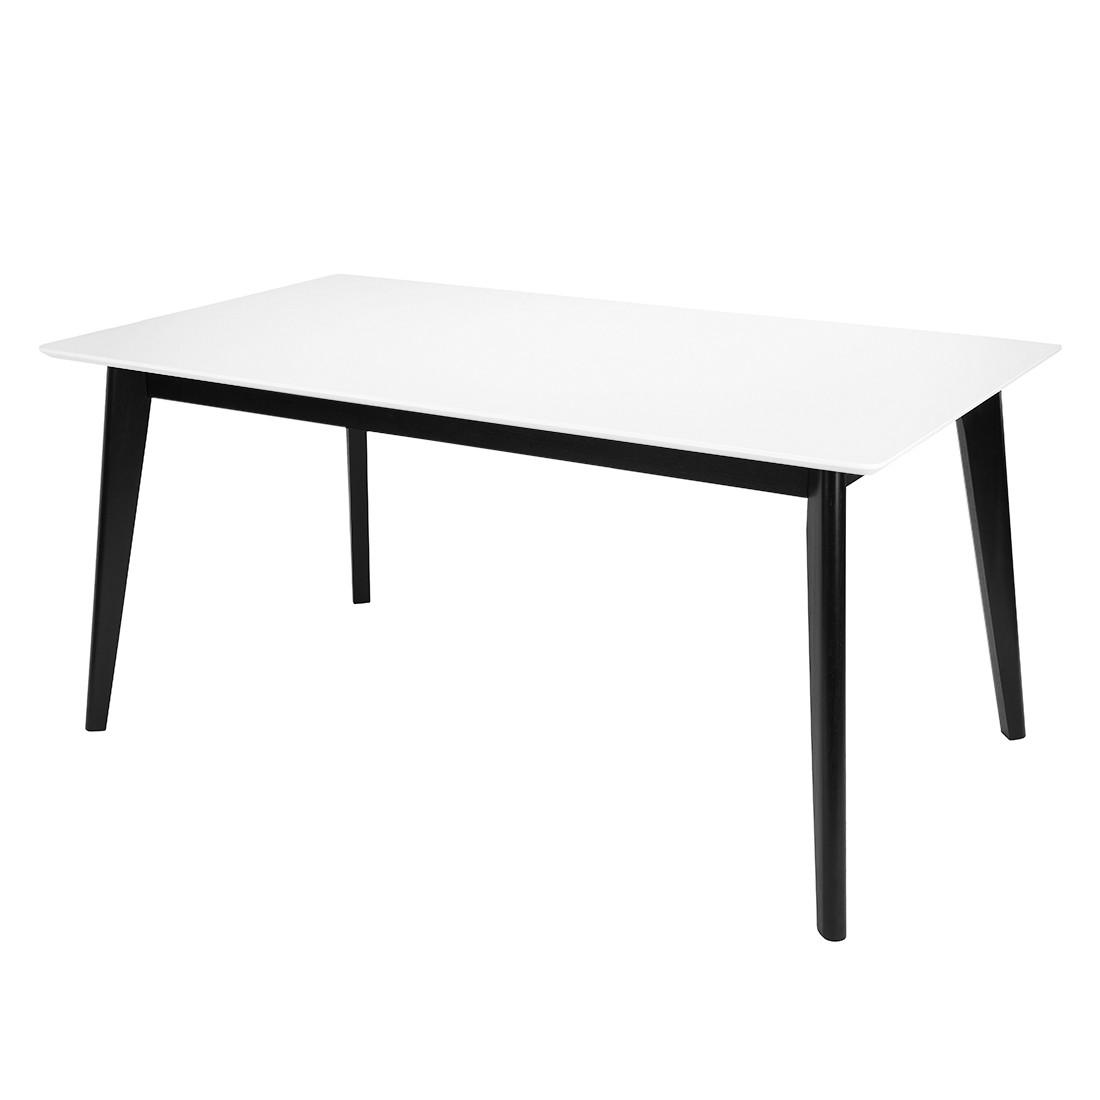 Table à manger Knoppe - Partiellement en bois massif - Frêne - Blanc / Noir - 160 x 90 cm, Morteens